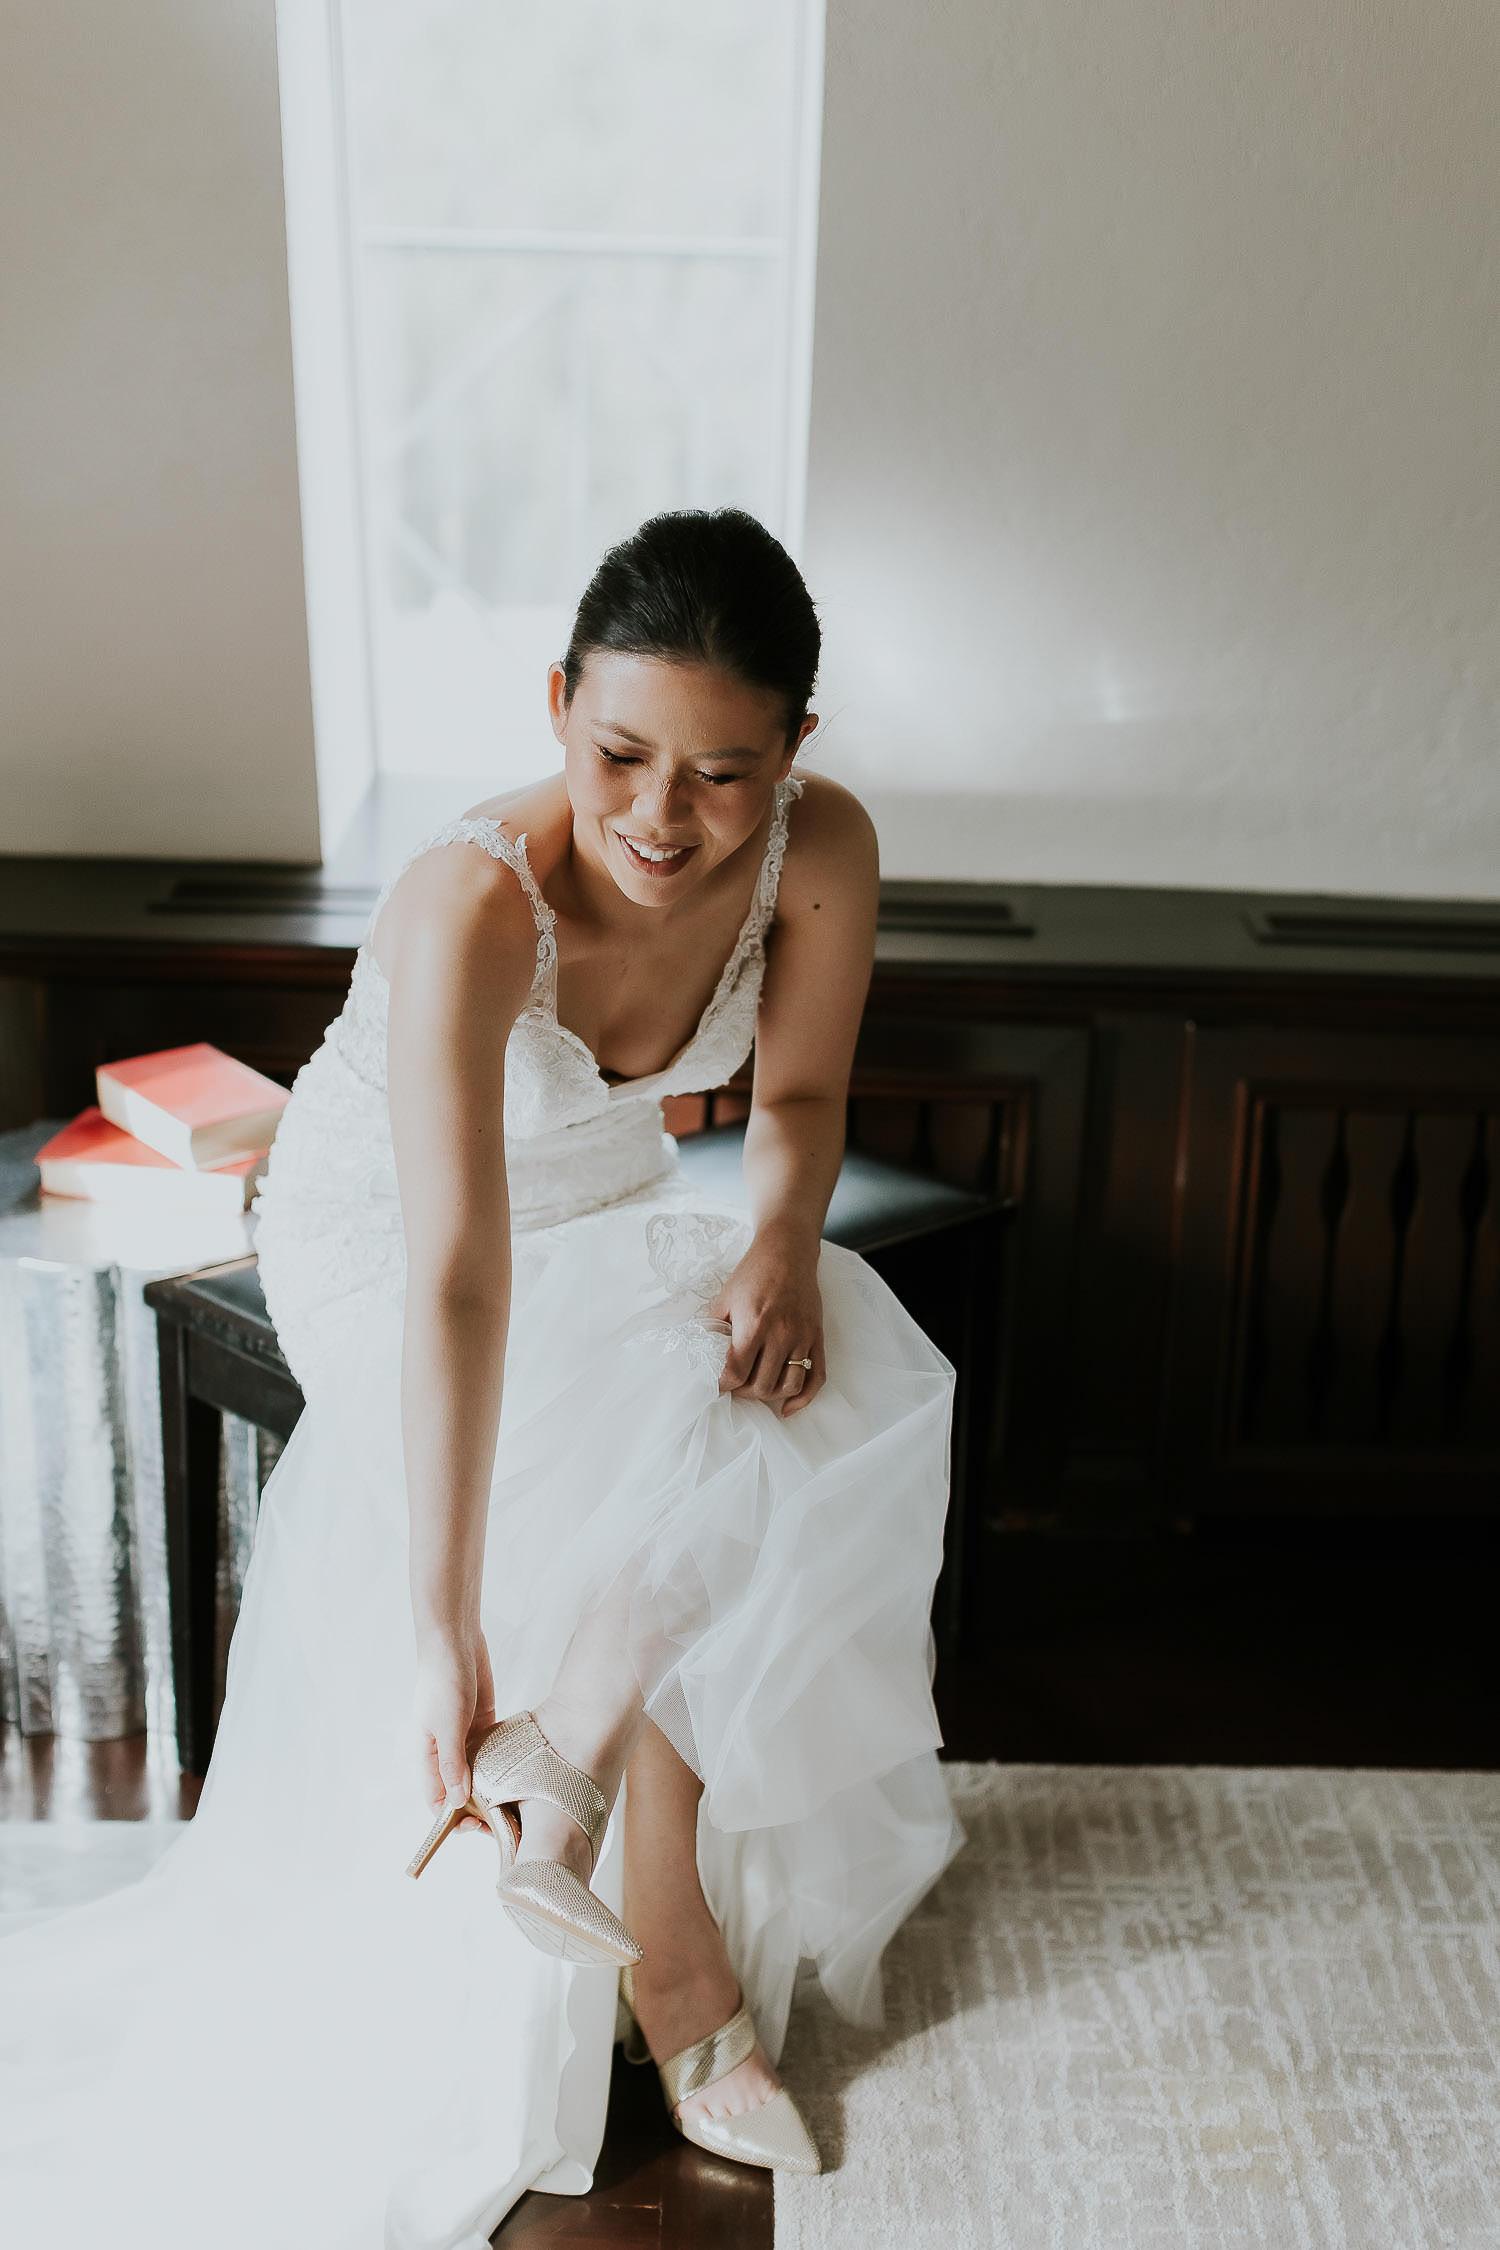 intimate-wedding-at-banff-springs-hotel-sarah-pukin-0041